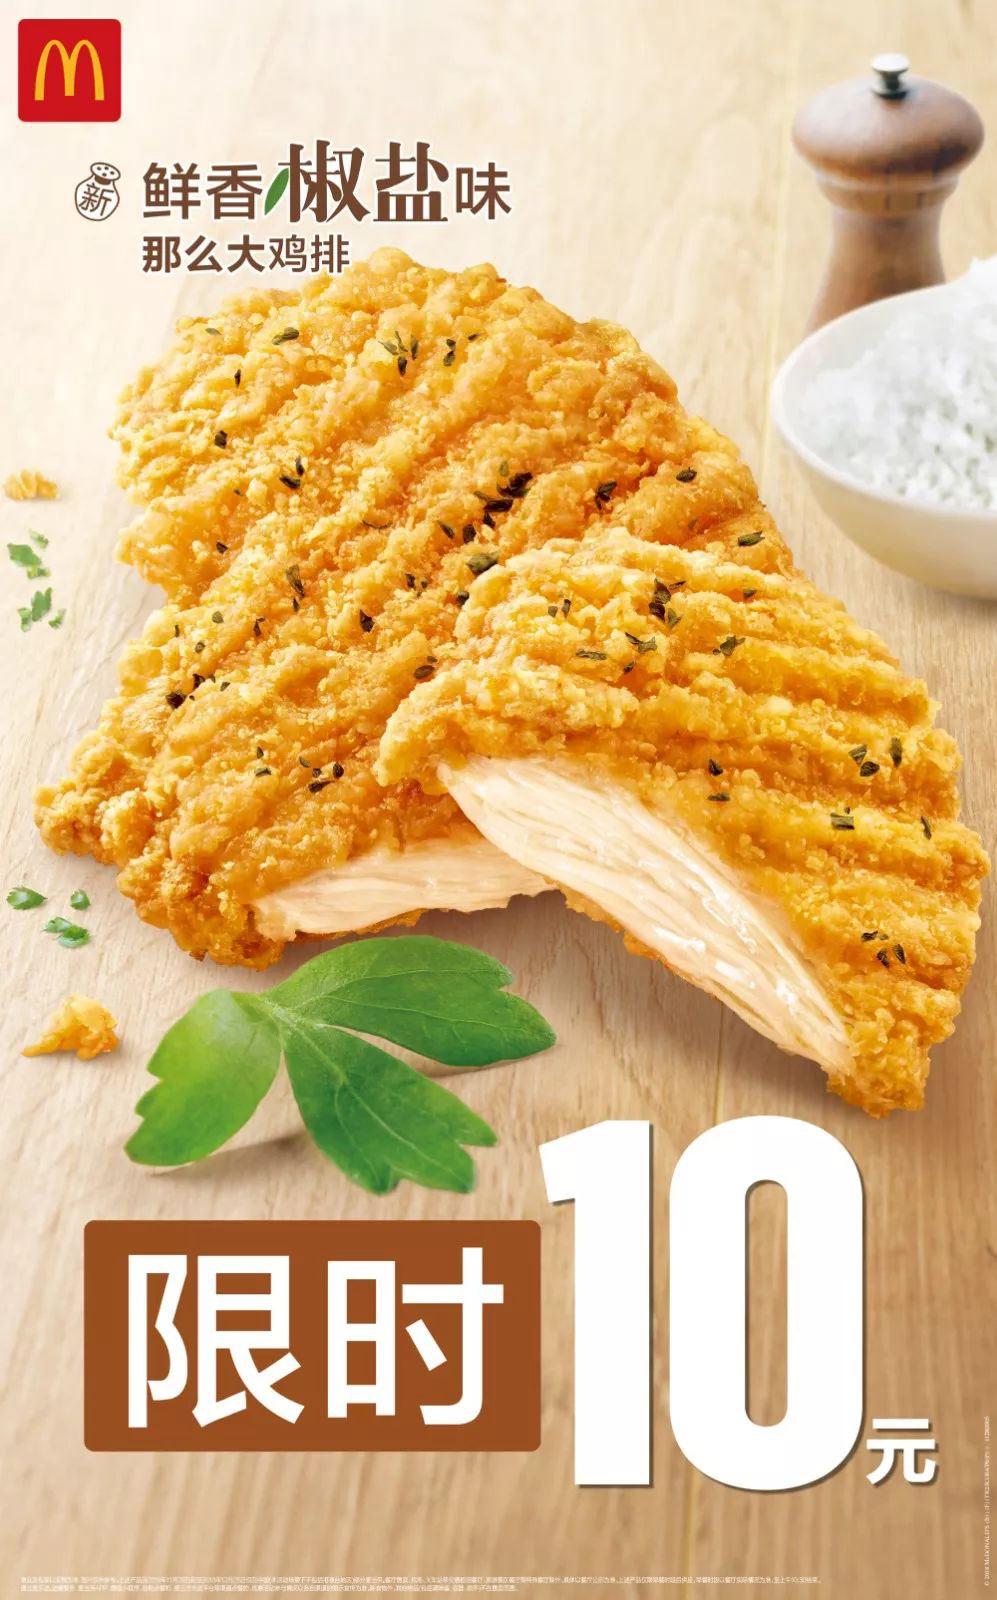 麦当劳鲜香椒盐味那么大鸡排限时10元回归,有效期自2018年11月28日到2018年12月25日